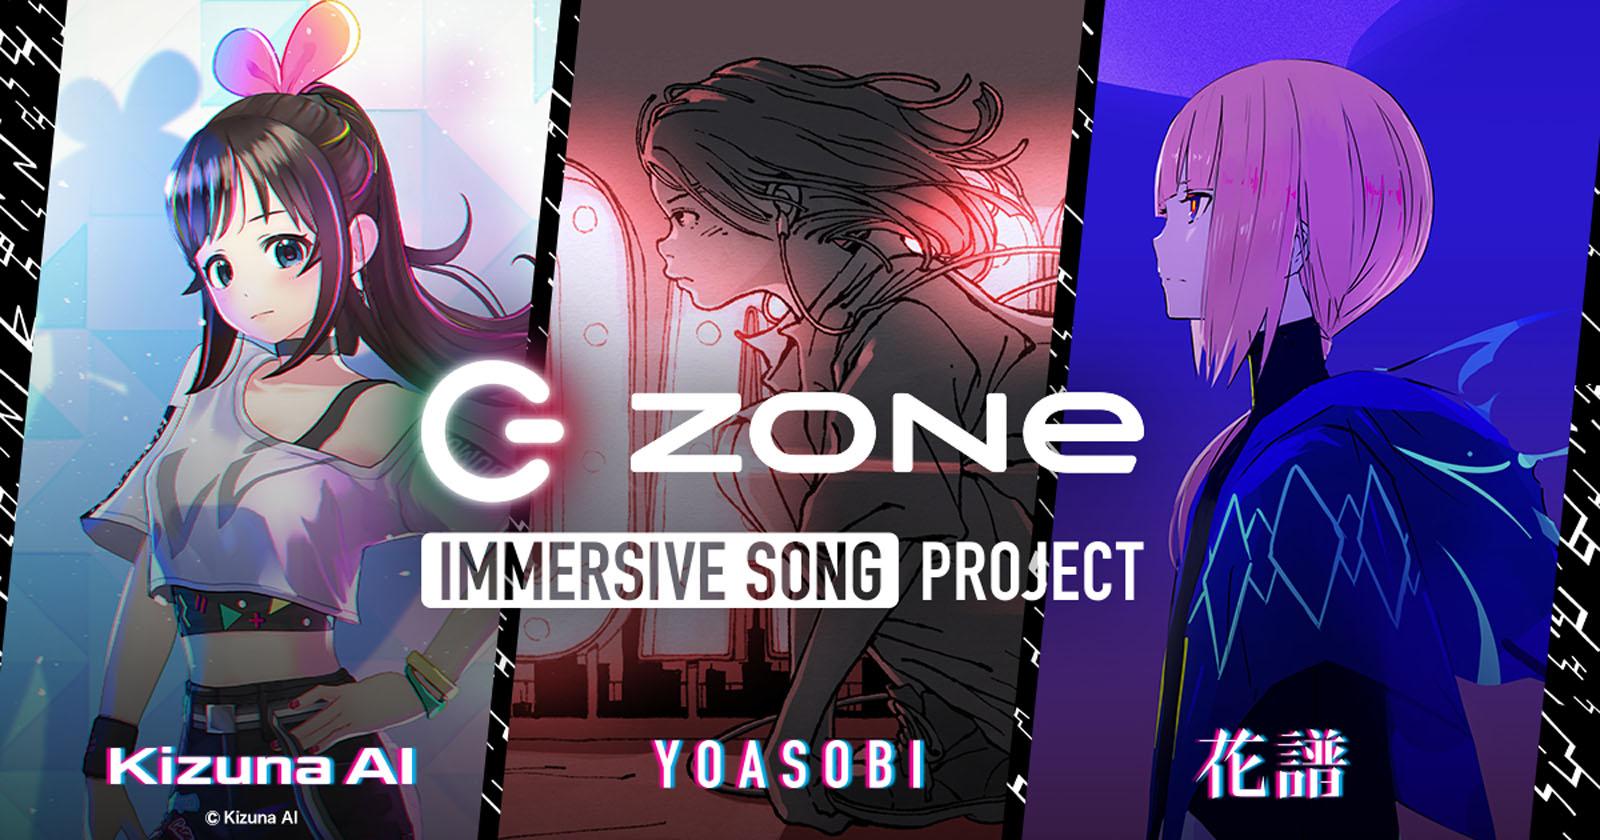 キズナアイ・YOASOBI・花譜、新エナジードリンク「ZONe」とコラボ 新曲&MVの制作が進行中